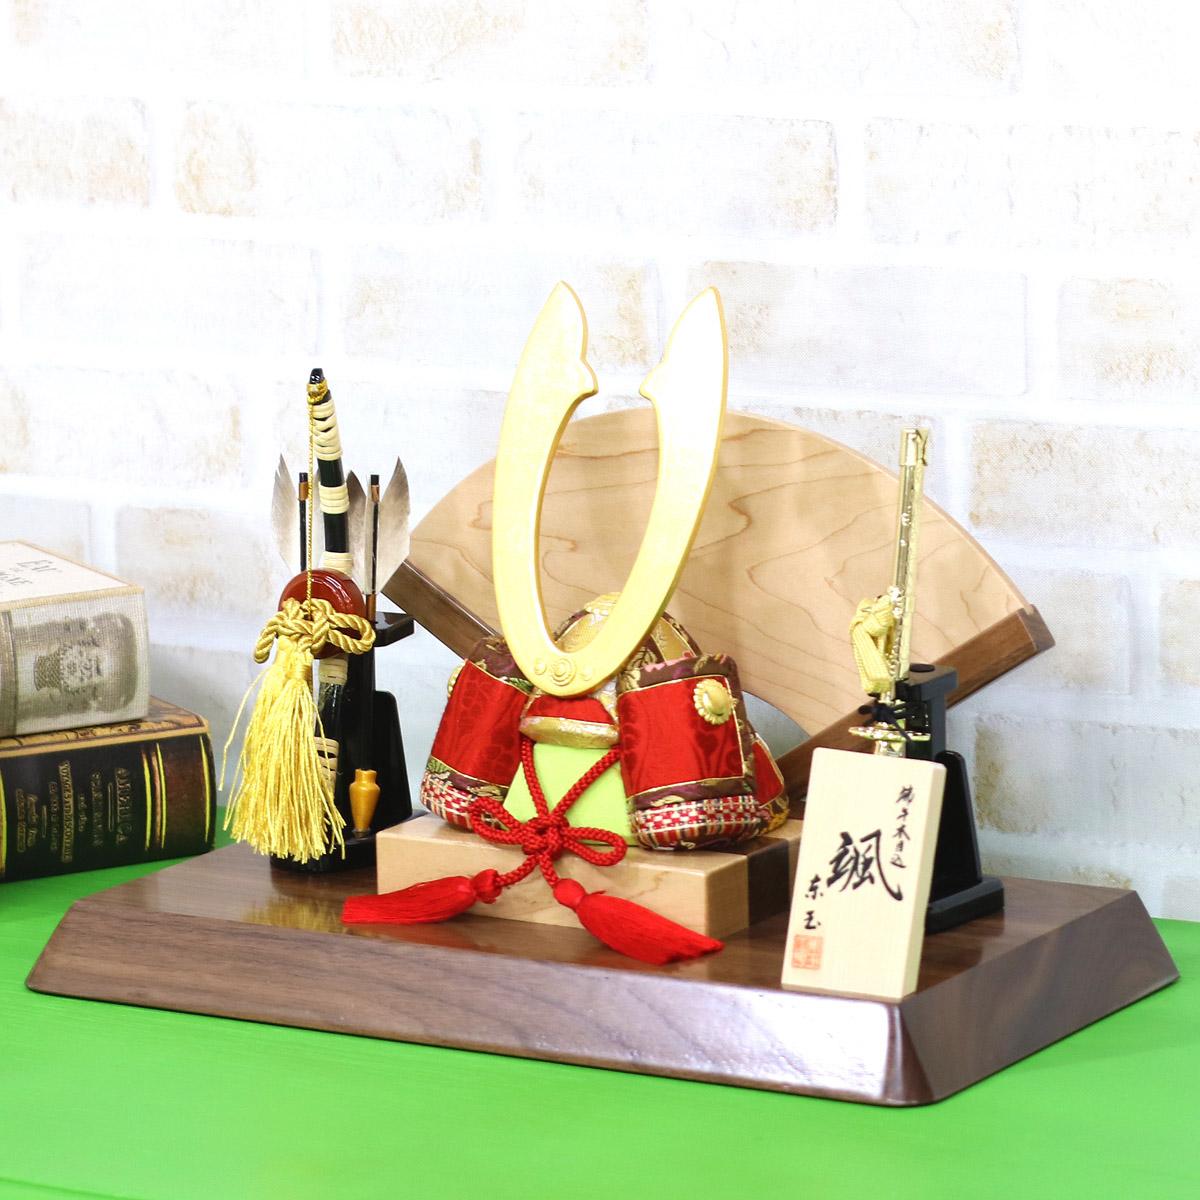 五月人形 東玉 木目込み 兜飾り 颯シリーズ 「赤」 高級木材使用 扇型屏風 飾り台セット ≪GOTG-NO13-W13≫コンパクト おしゃれ 五月人形 兜 木目込み飾り